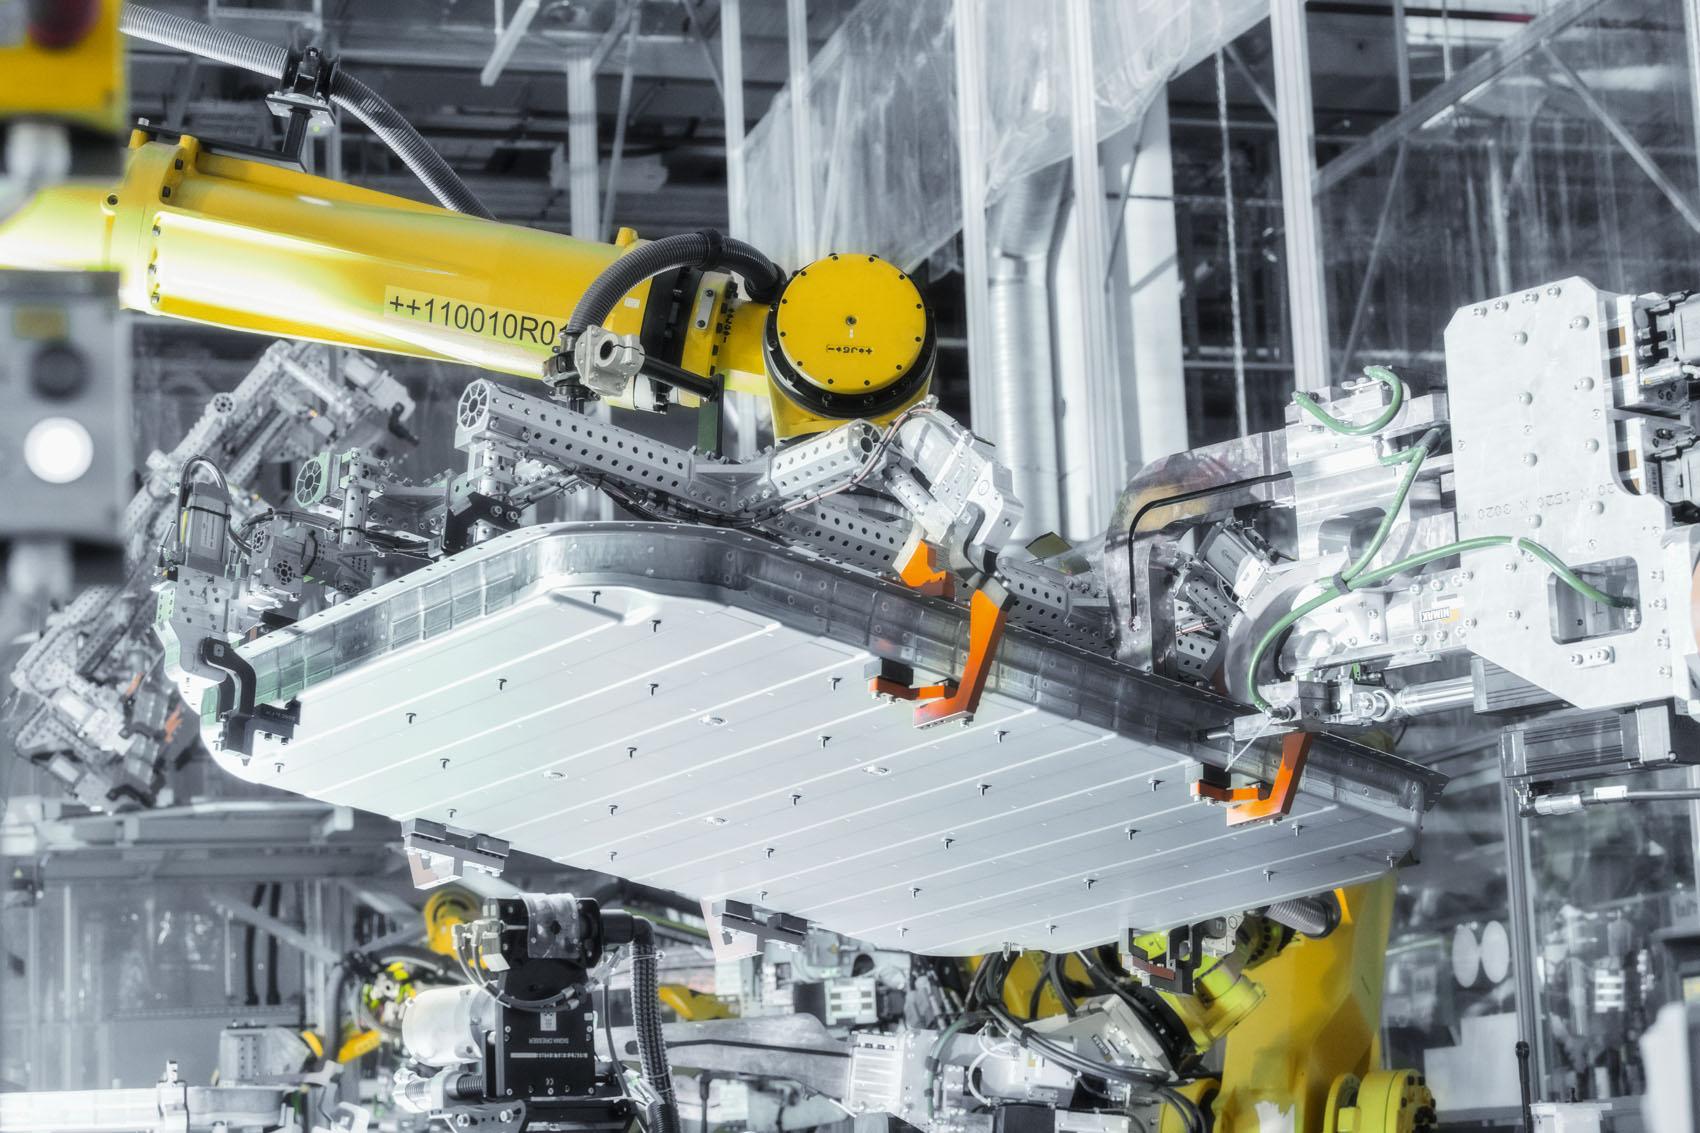 Parte inferiore della carrozzeria: La potente batteria del peso di 700 chilogrammi ha bisogno di una sede ultrasicura. (Stefan Warter)